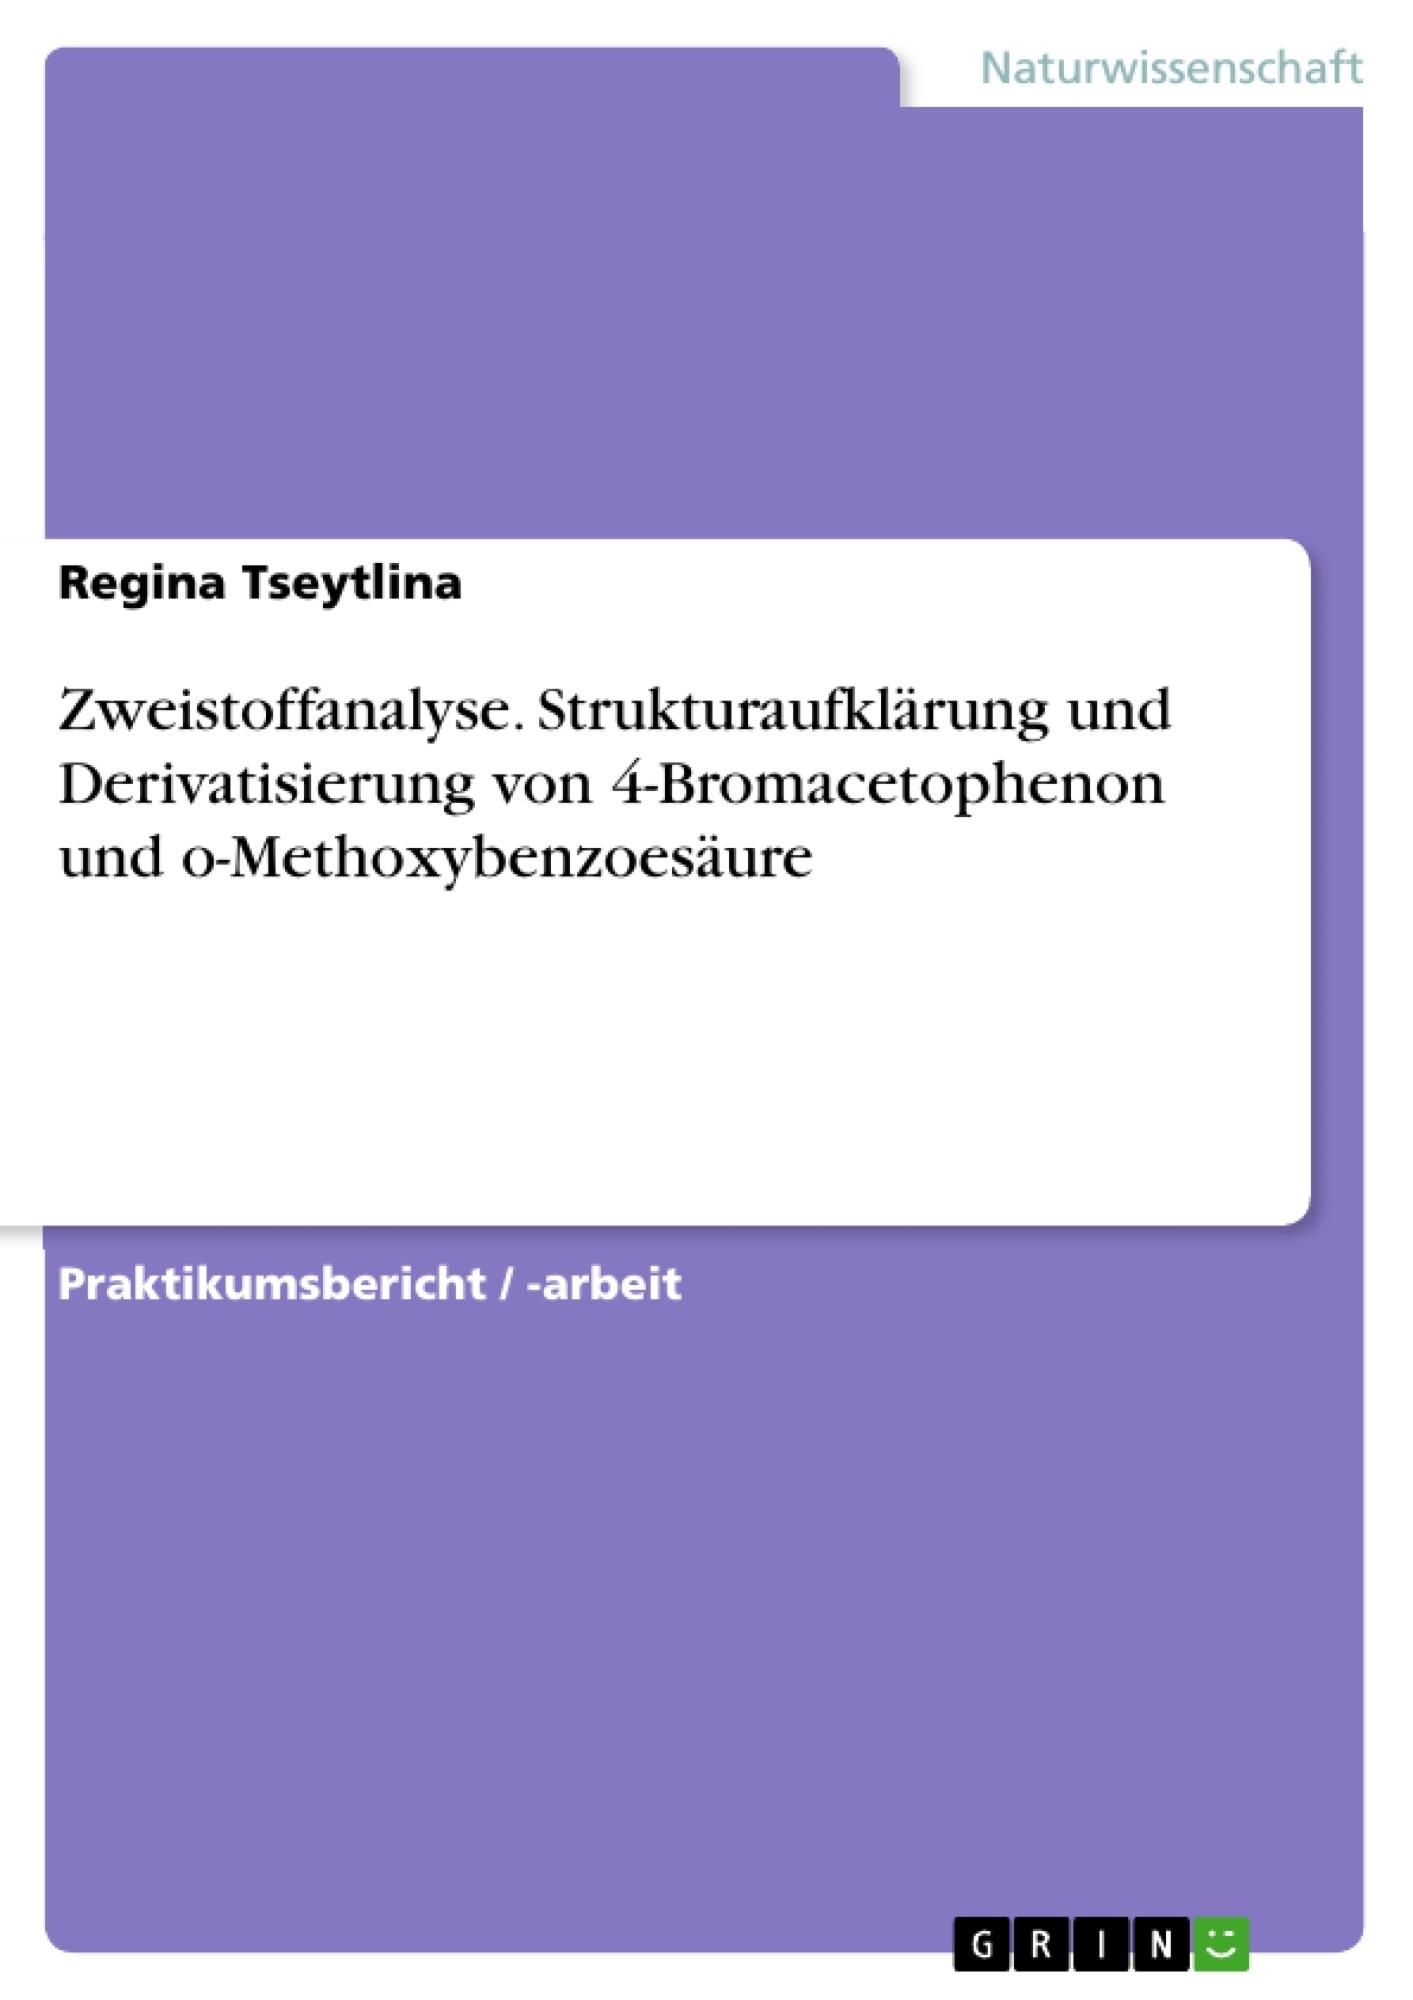 Titel: Zweistoffanalyse. Strukturaufklärung und Derivatisierung von 4-Bromacetophenon und  o-Methoxybenzoesäure